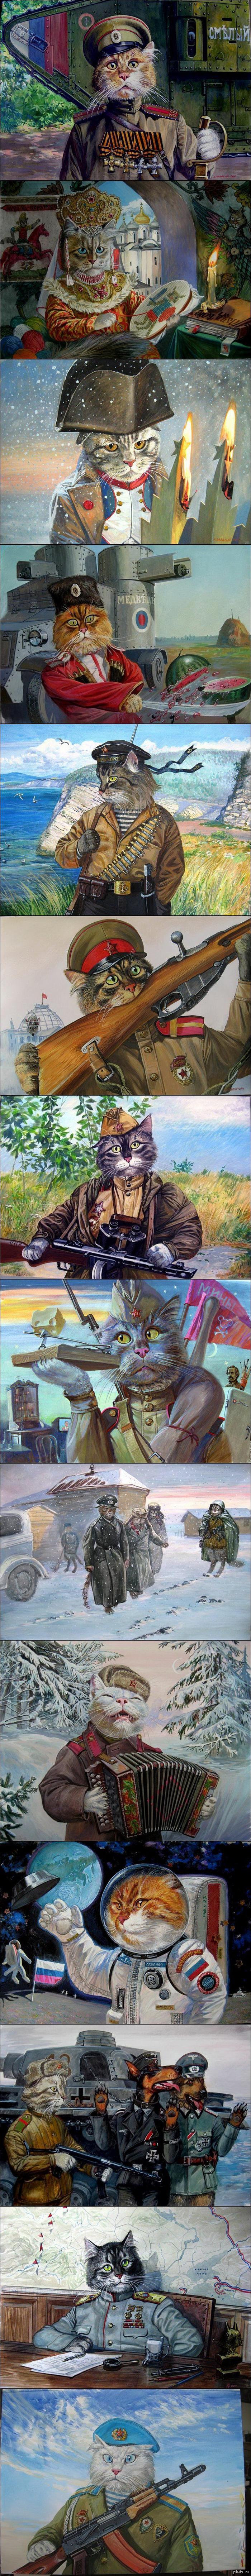 Эпические коты Взято отсюда  http://inna1903gr.livejournal.com/764815.html